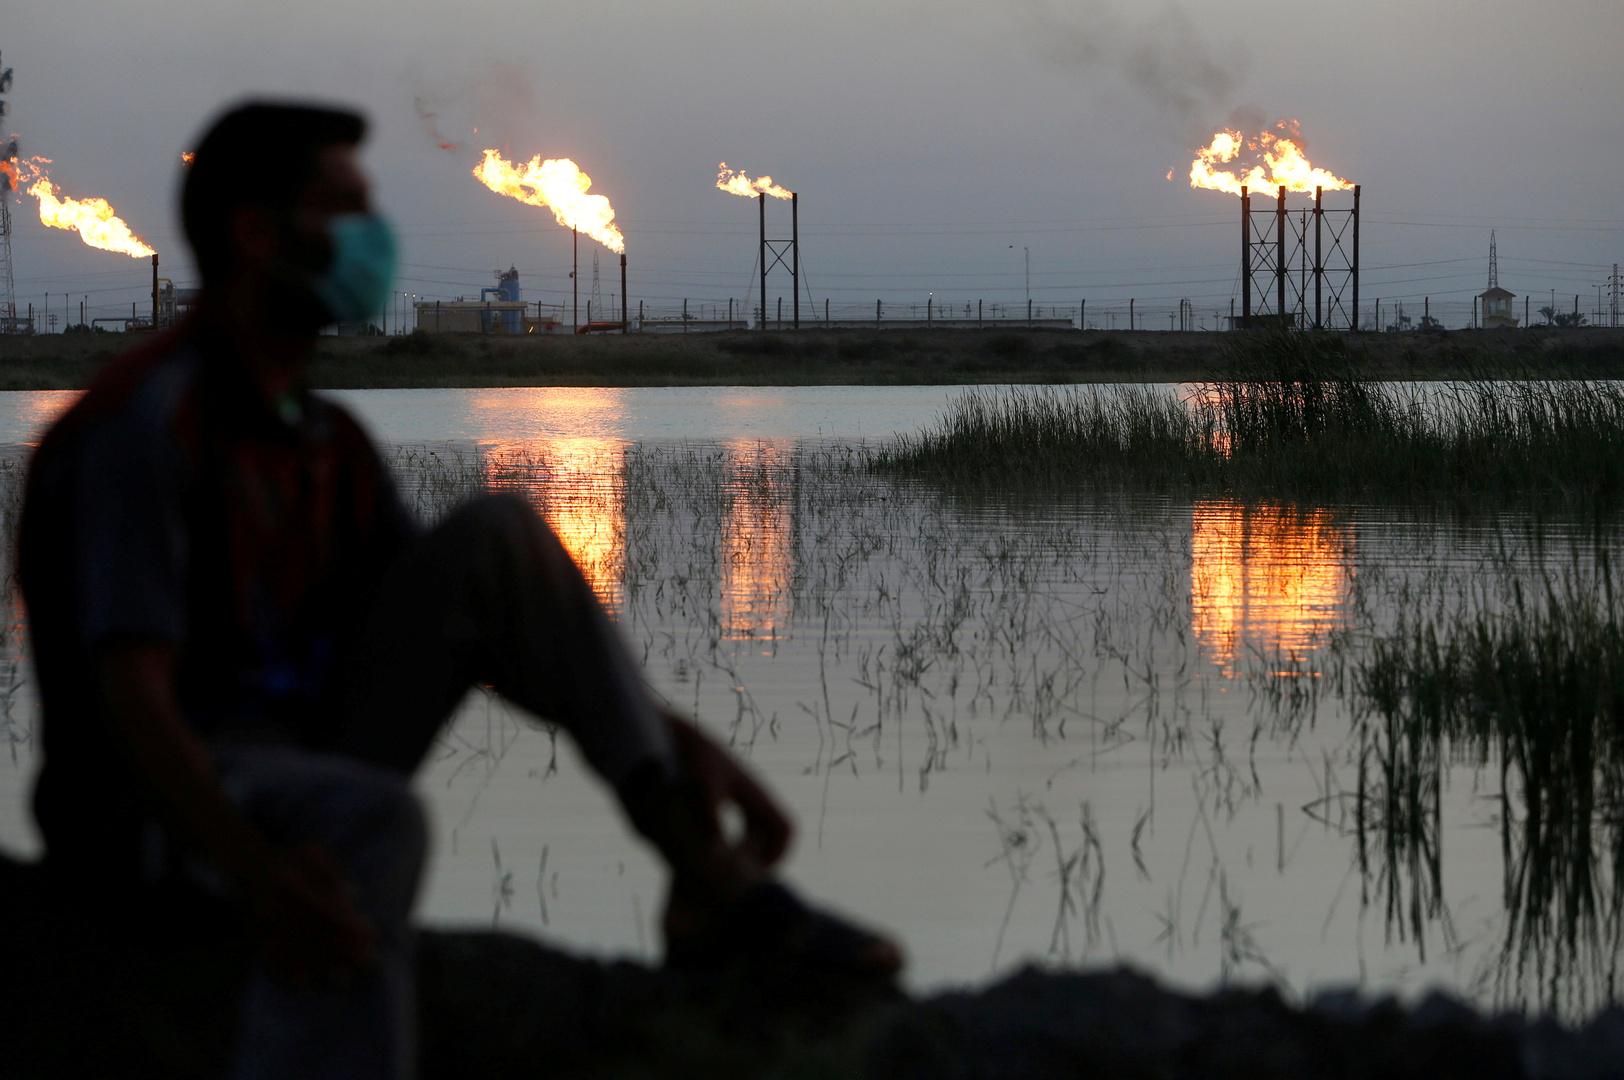 العراق يمنح عقدا نفطيا بقيمة نصف مليار دولار لشركة أمريكية